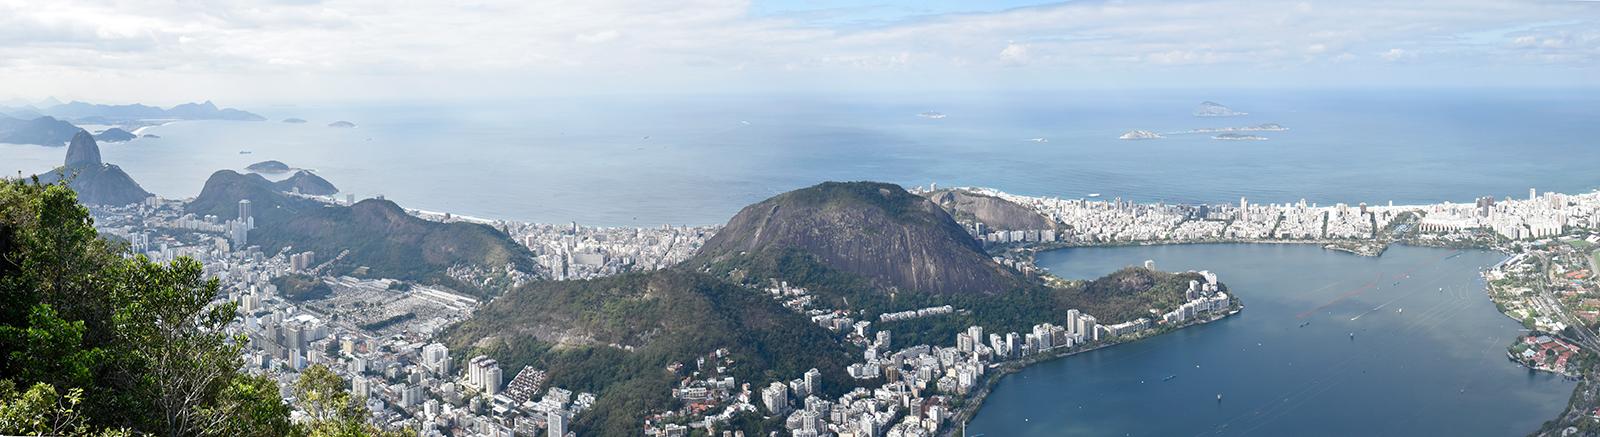 AMG2016_RIO_153